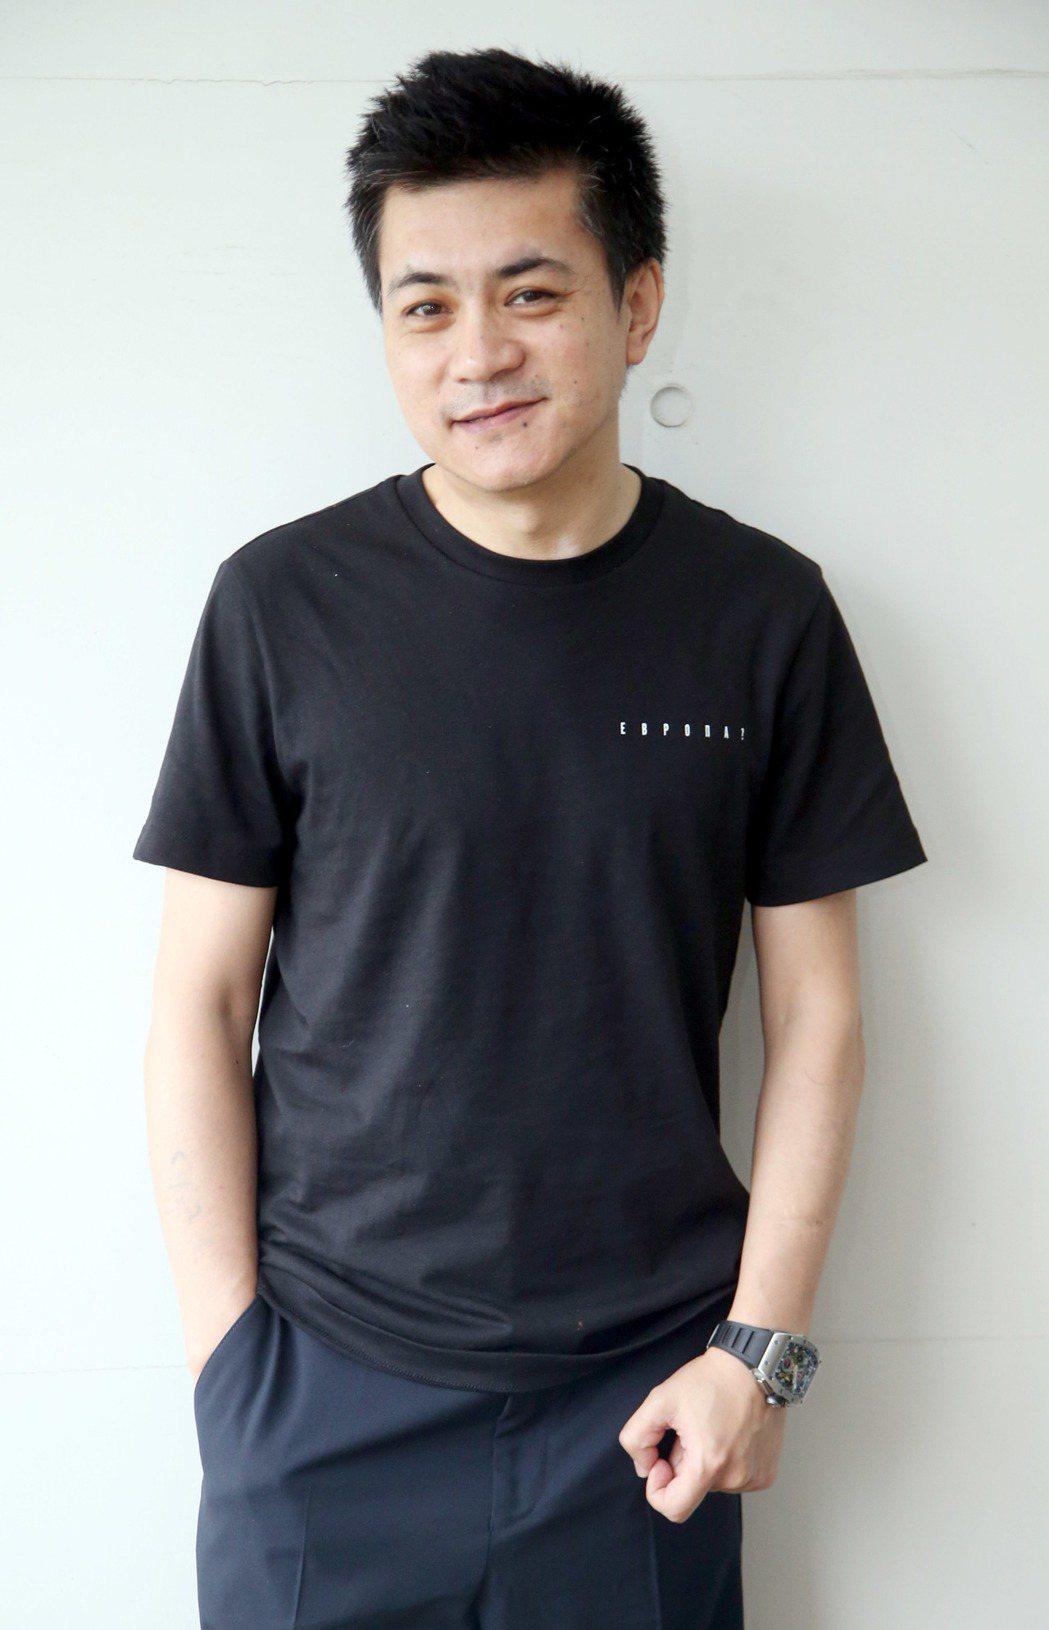 大陸導演楊樹鵬。記者屠惠剛/攝影